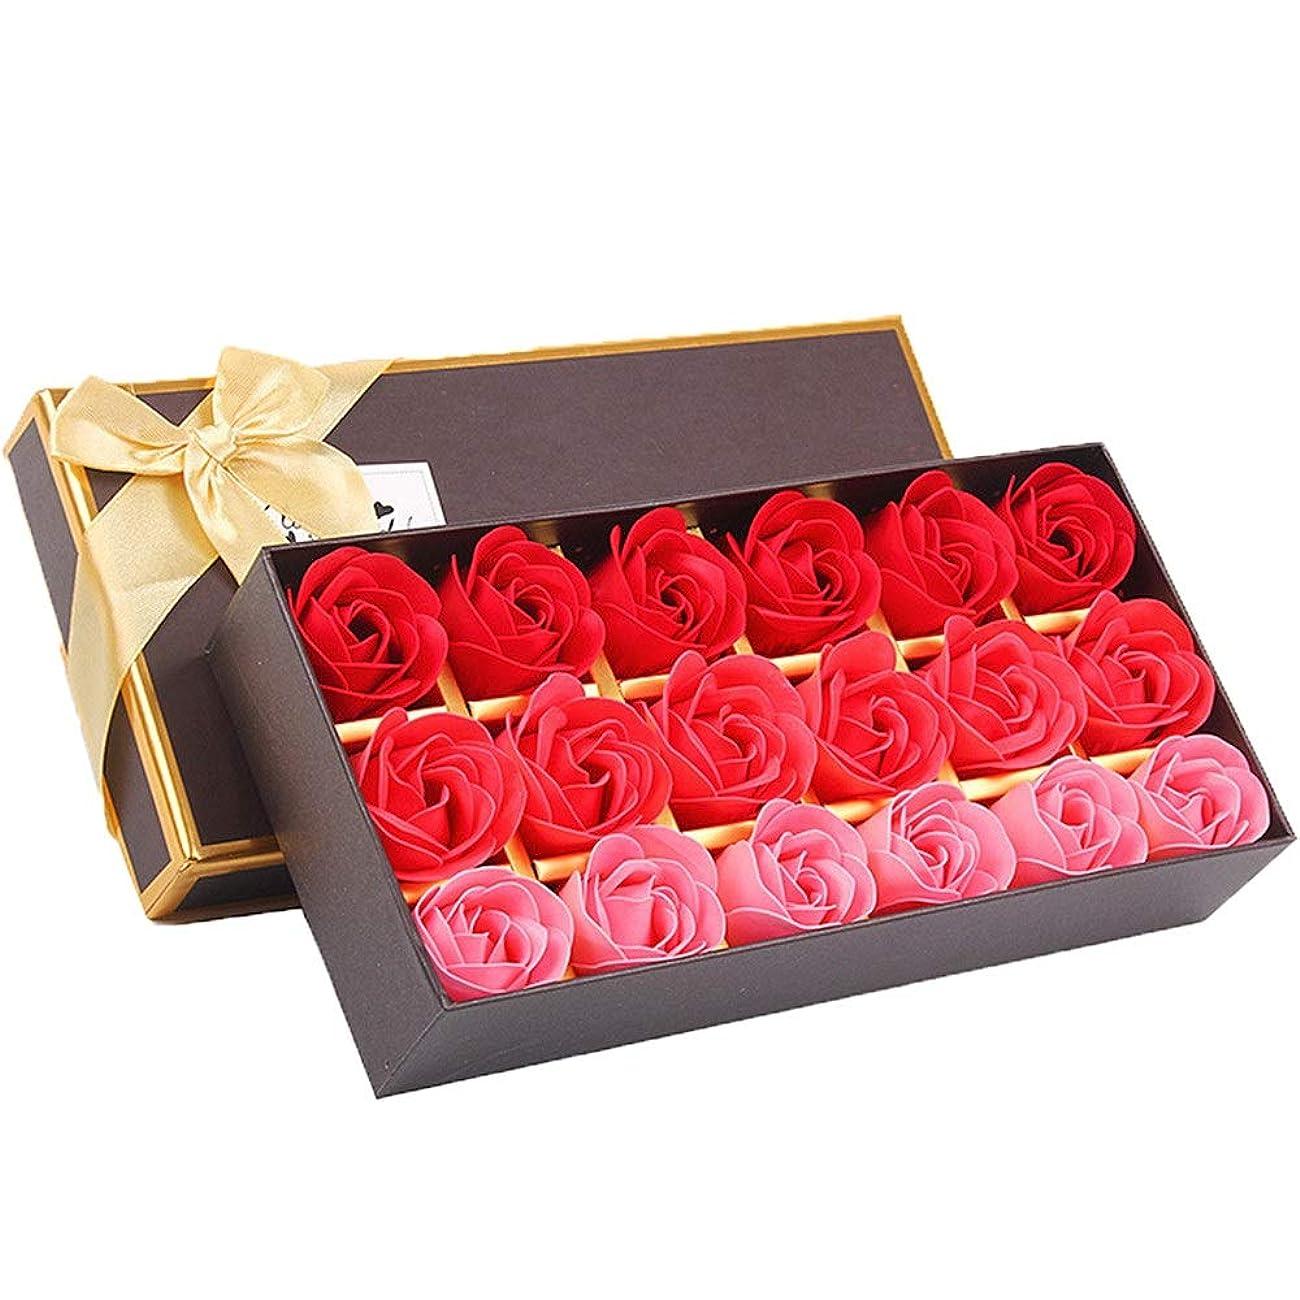 ミサイルボス無心18個の手作りのローズの香りのバスソープの花びら香りのバスソープは、ギフトボックスの花びらをバラ (色 : 赤)